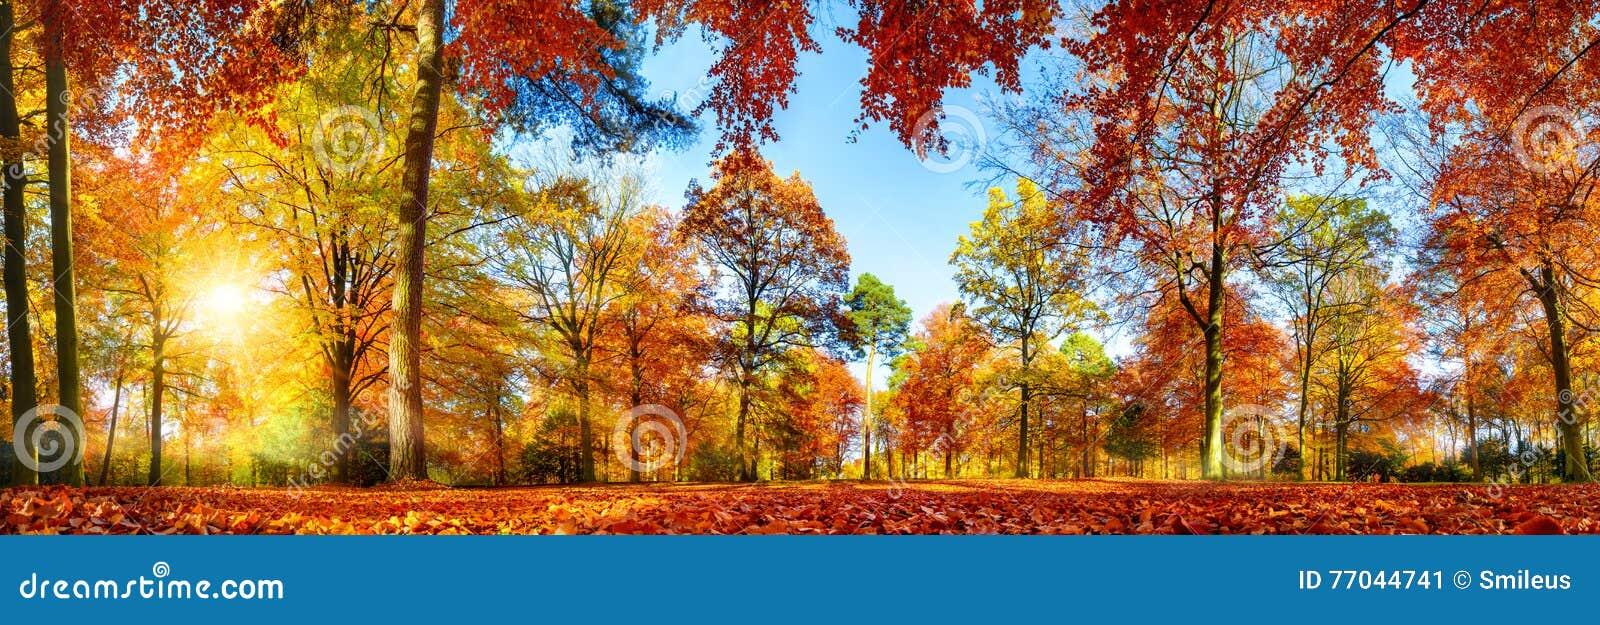 Kleurrijk bospanorama in de herfst